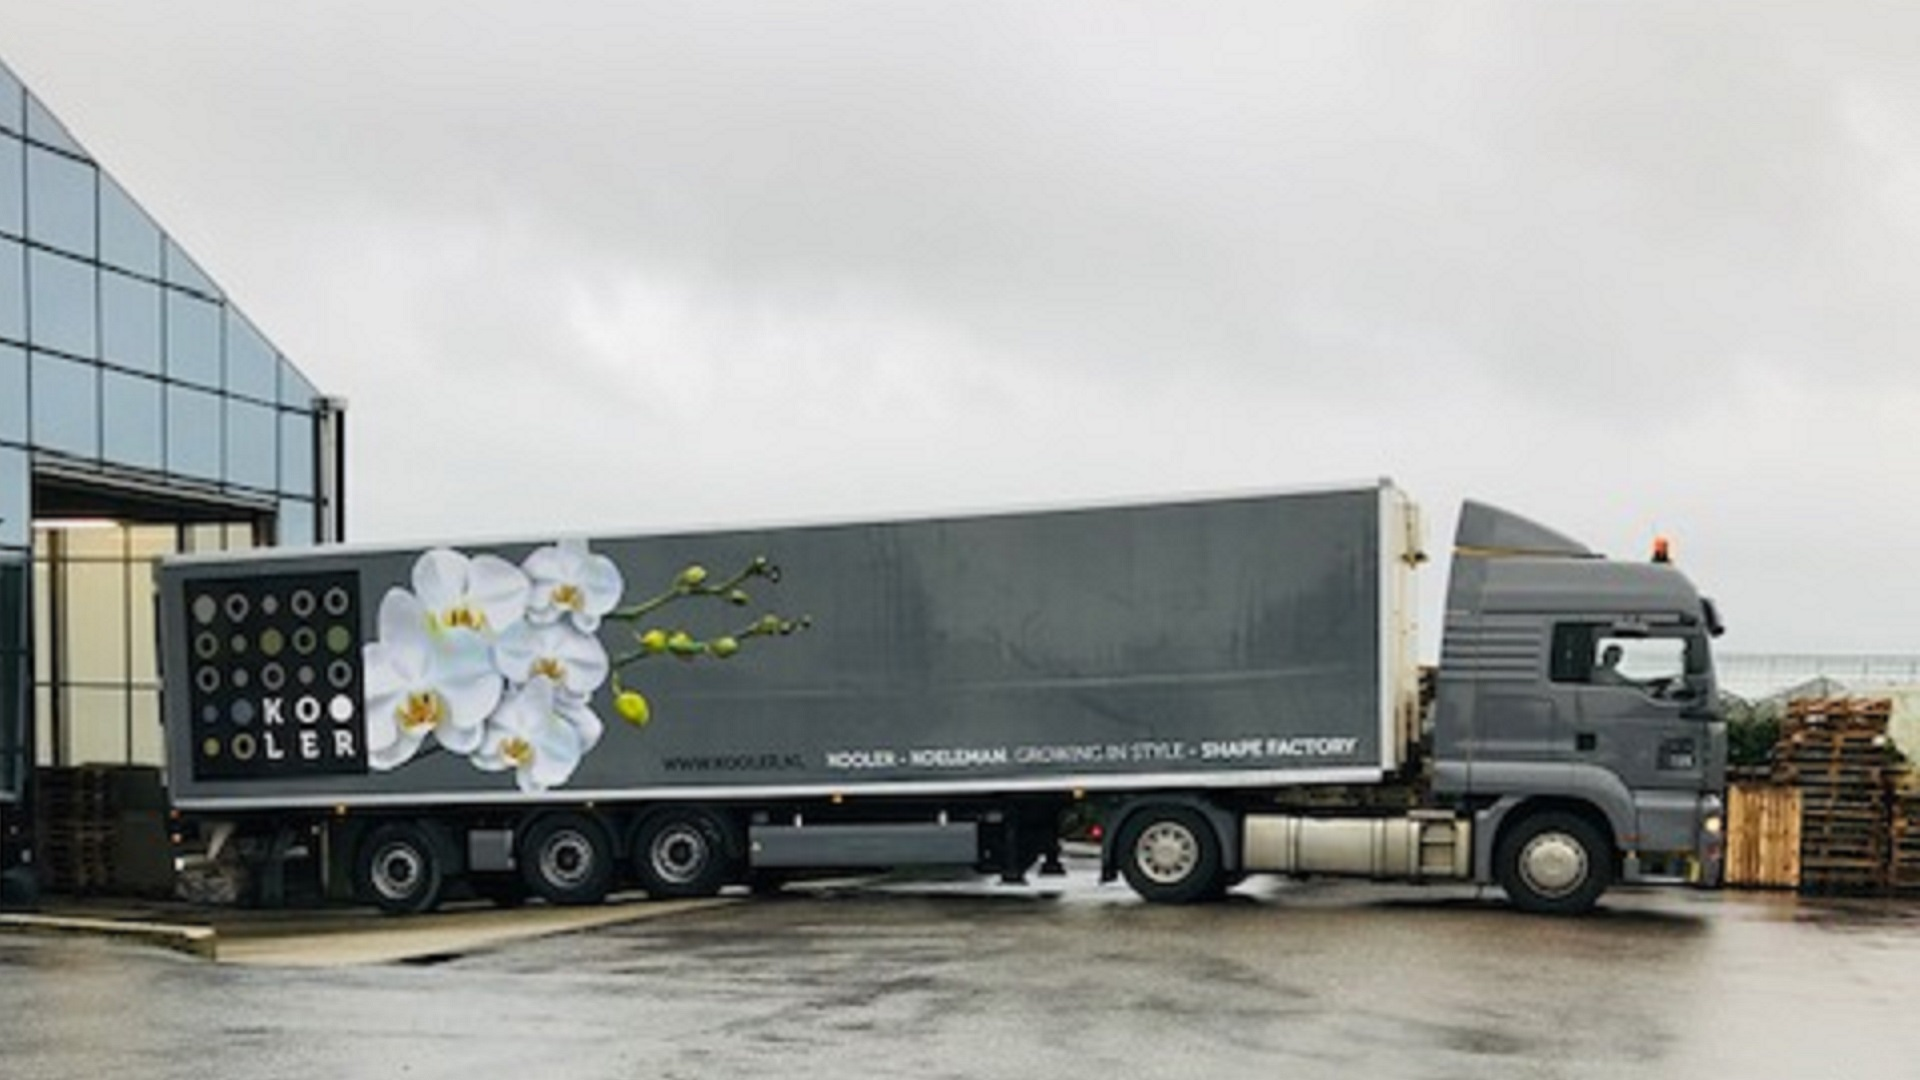 Vrachtwagenbestickering : snel, sneller, snelst...